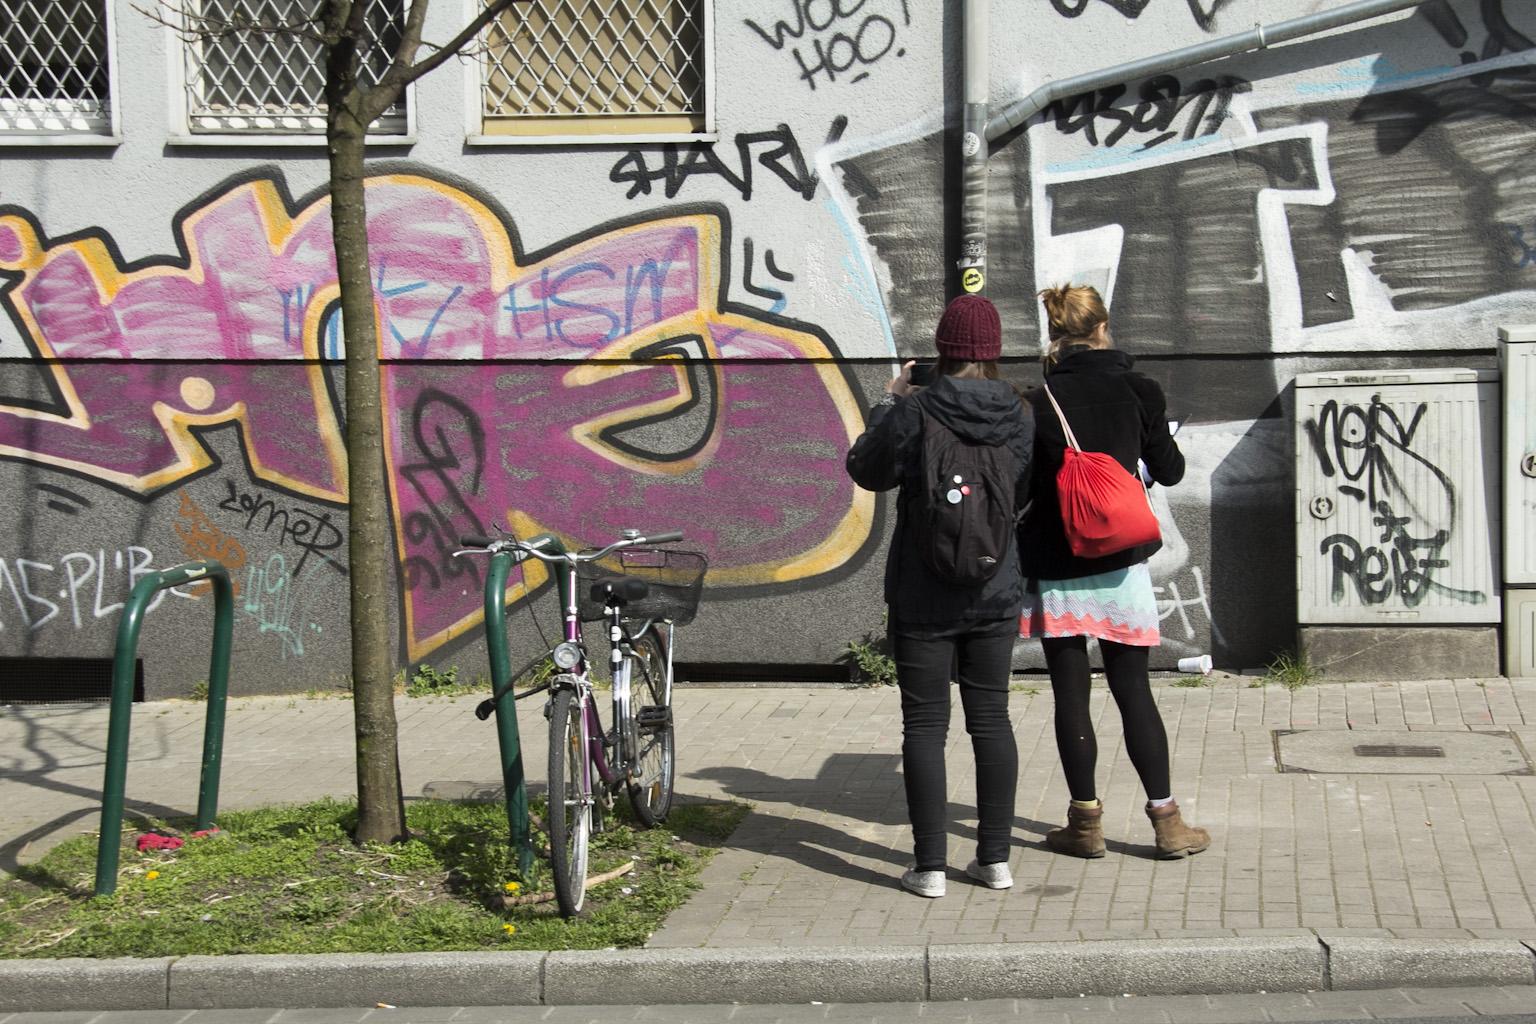 """""""Urbanes Spiel in Dortmund: Im Union-Viertel laden die Urbanisten zum ersten Mal zum """"Street Art Bingo"""" ein"""", Nordstadtblogger, 17.05.2016"""